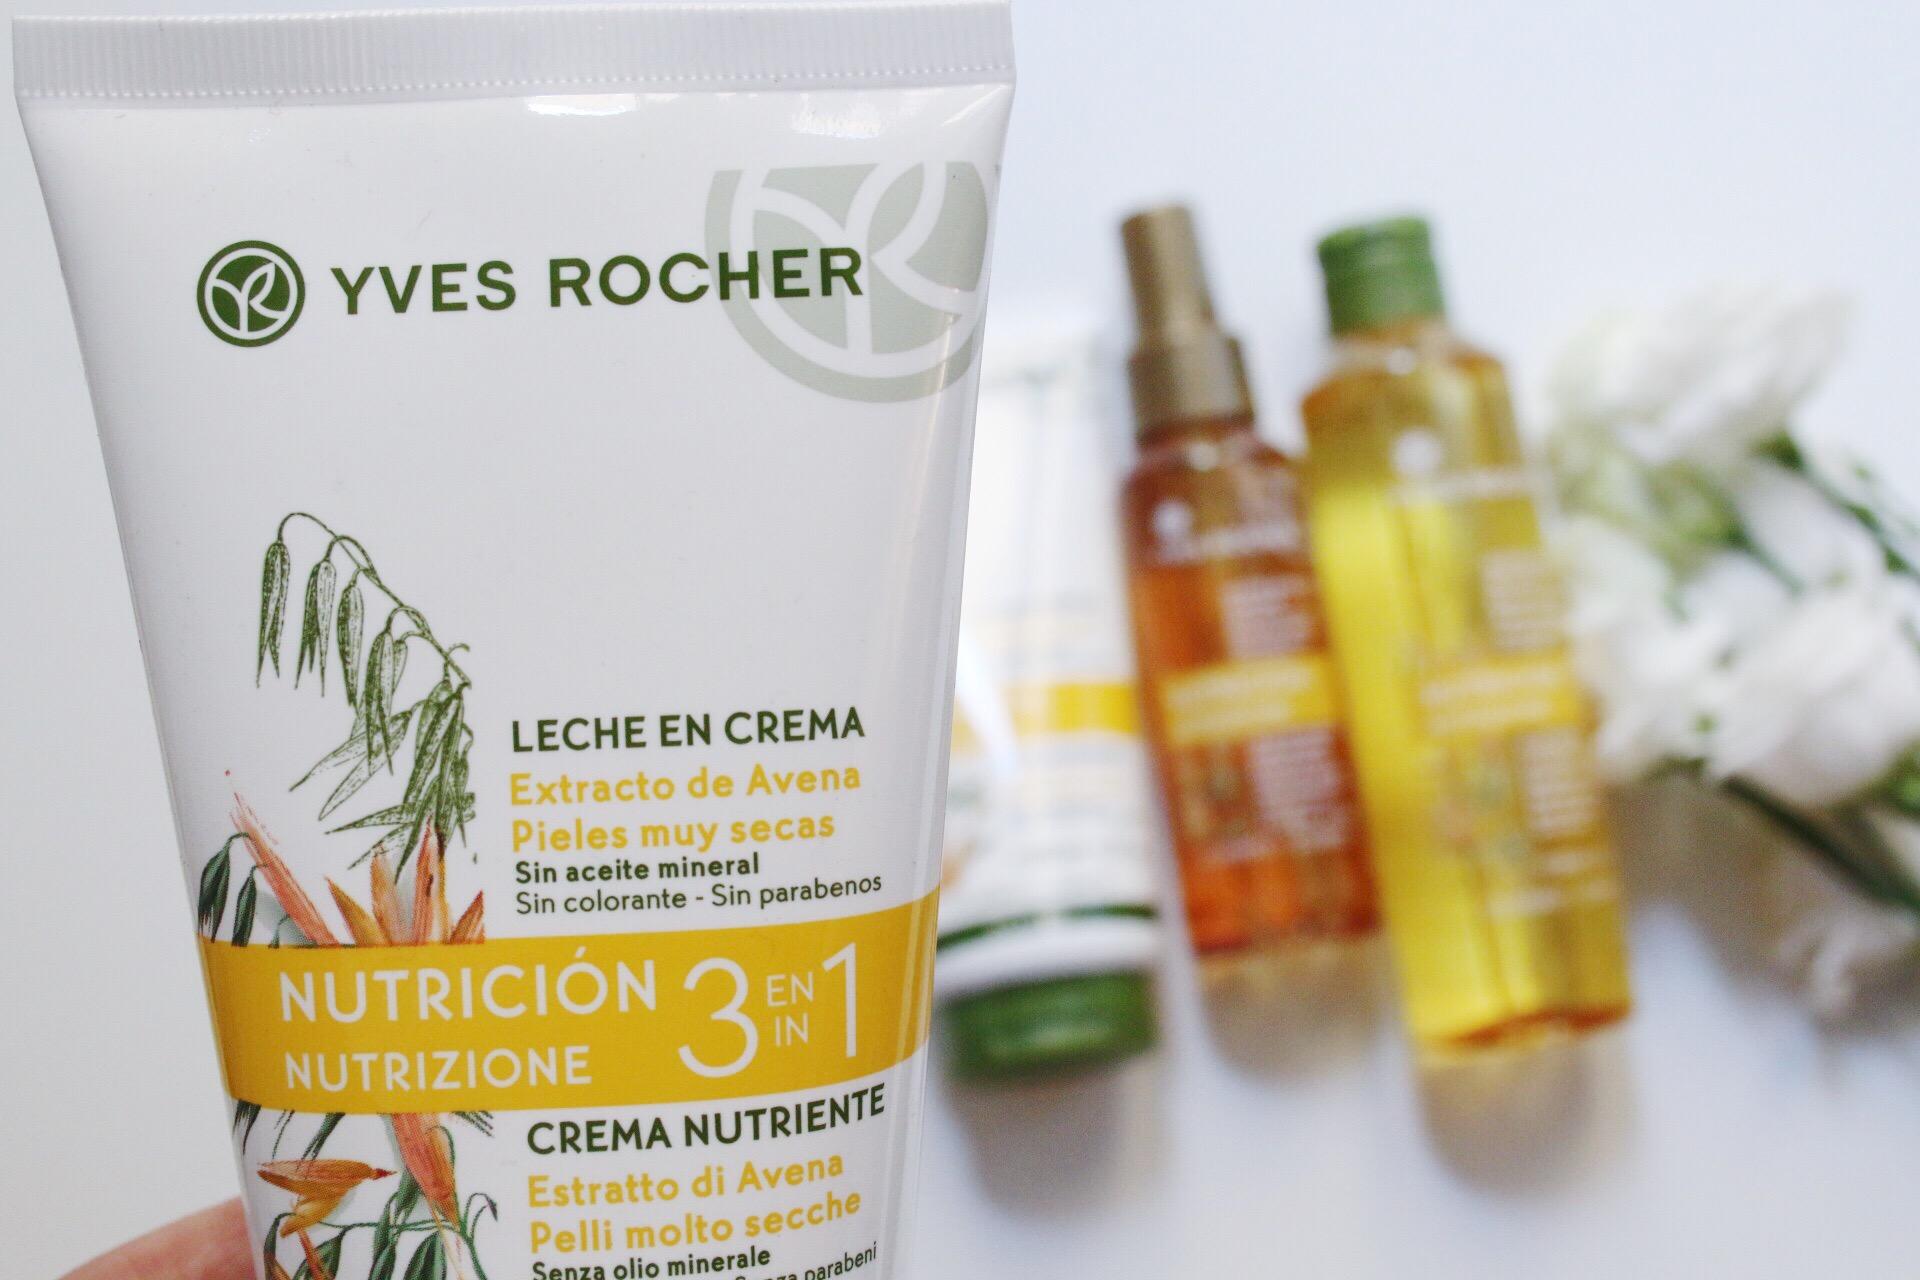 Bagno Doccia Avena Yves Rocher : Yves rocher inside the beauty case